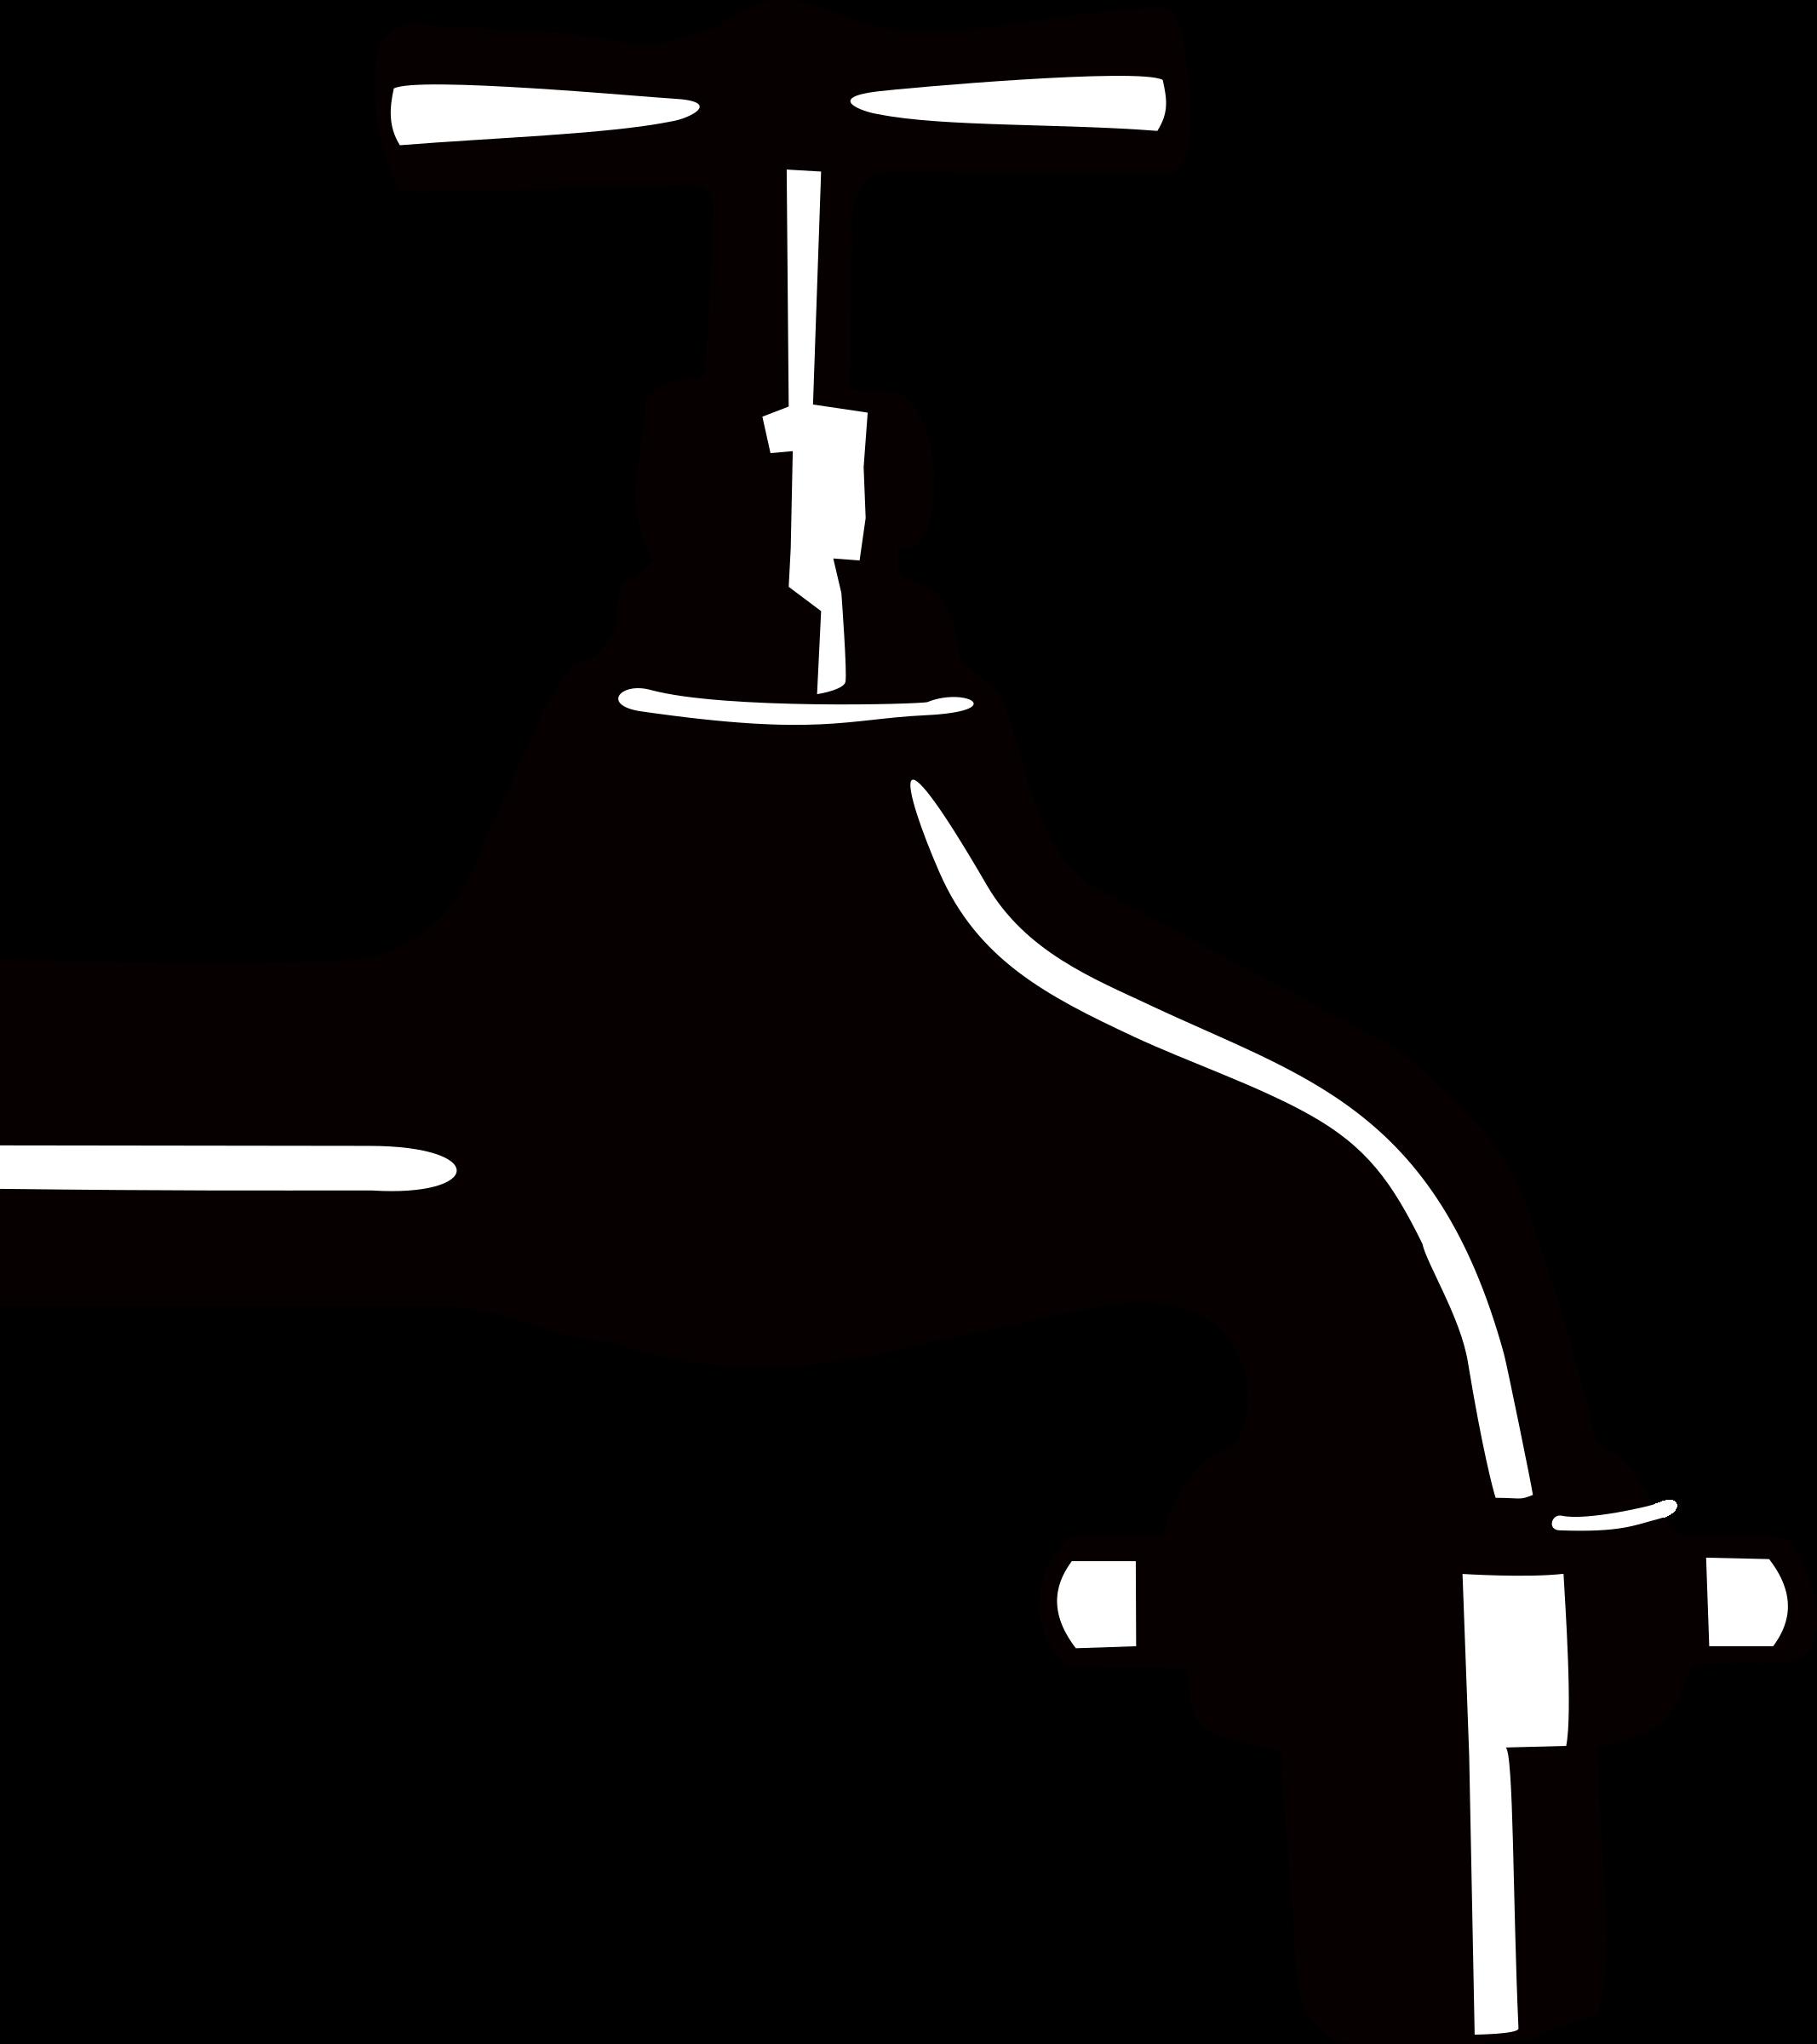 Clipart - Faucet